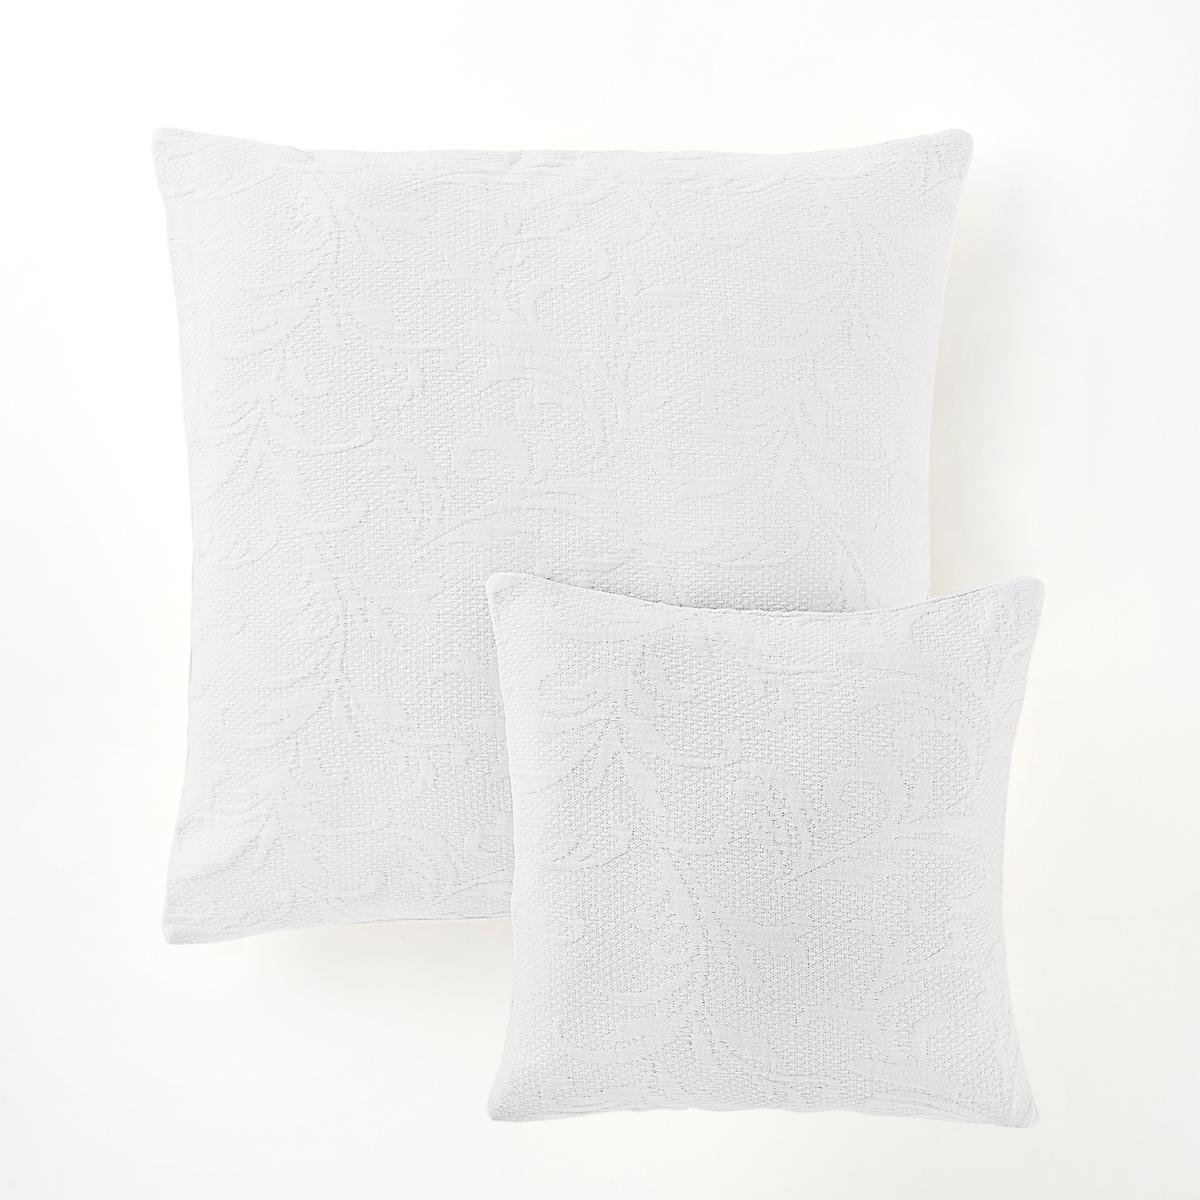 Наволочка на подушку-валик или подушку, AcantheНаволочка на подушку-валик или подушку, 100% хлопок, Acanthe. Наволочка на подушку-валик в аутентичном и изысканном стиле с рельефным рисунком и натуральными цветами...Характеристики наволочки на подушку-валик или подушку, 100% хлопок, Acanthe :Жаккардовая ткань, 100% хлопок, рельефный рисунокПодшитые края Застежка на скрытую молнию в тонМашинная стирка при 40 °С<br><br>Цвет: белый,светло-серый<br>Размер: 65 x 65  см.40 x 40  см